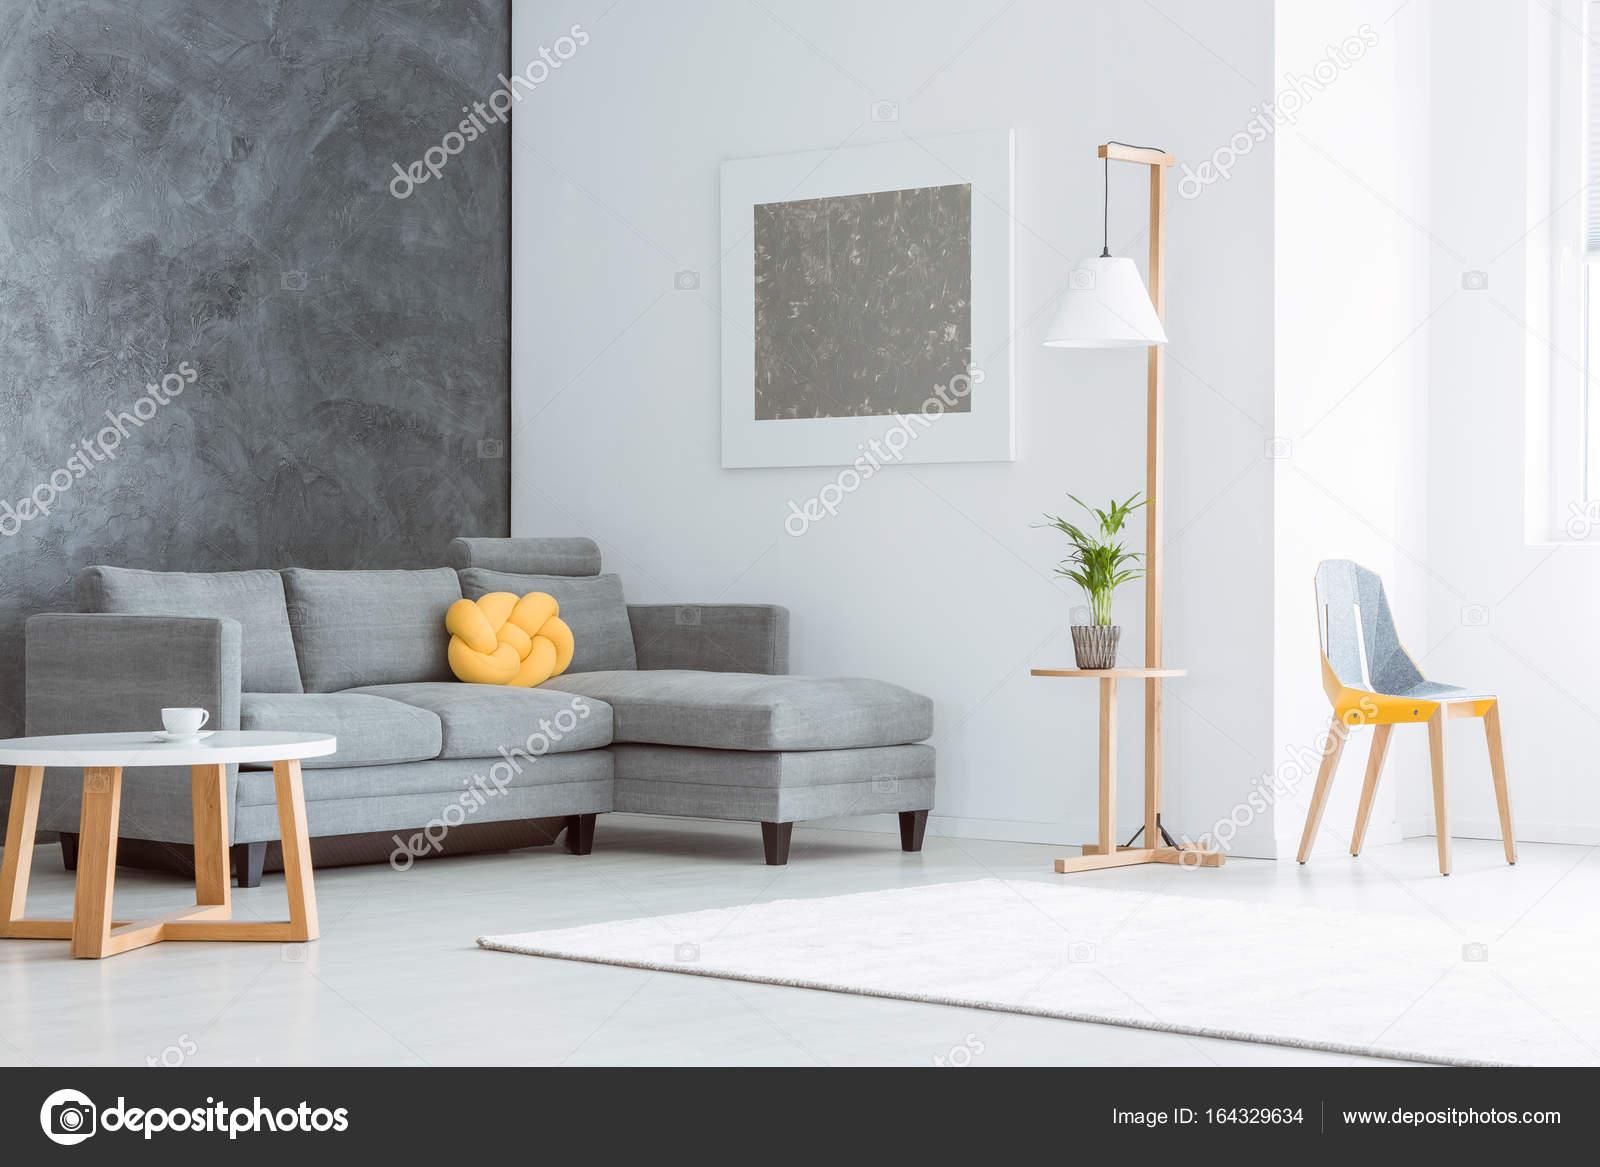 https://st3.depositphotos.com/2249091/16432/i/1600/depositphotos_164329634-stockafbeelding-ruime-woonkamer-met-schilderen.jpg